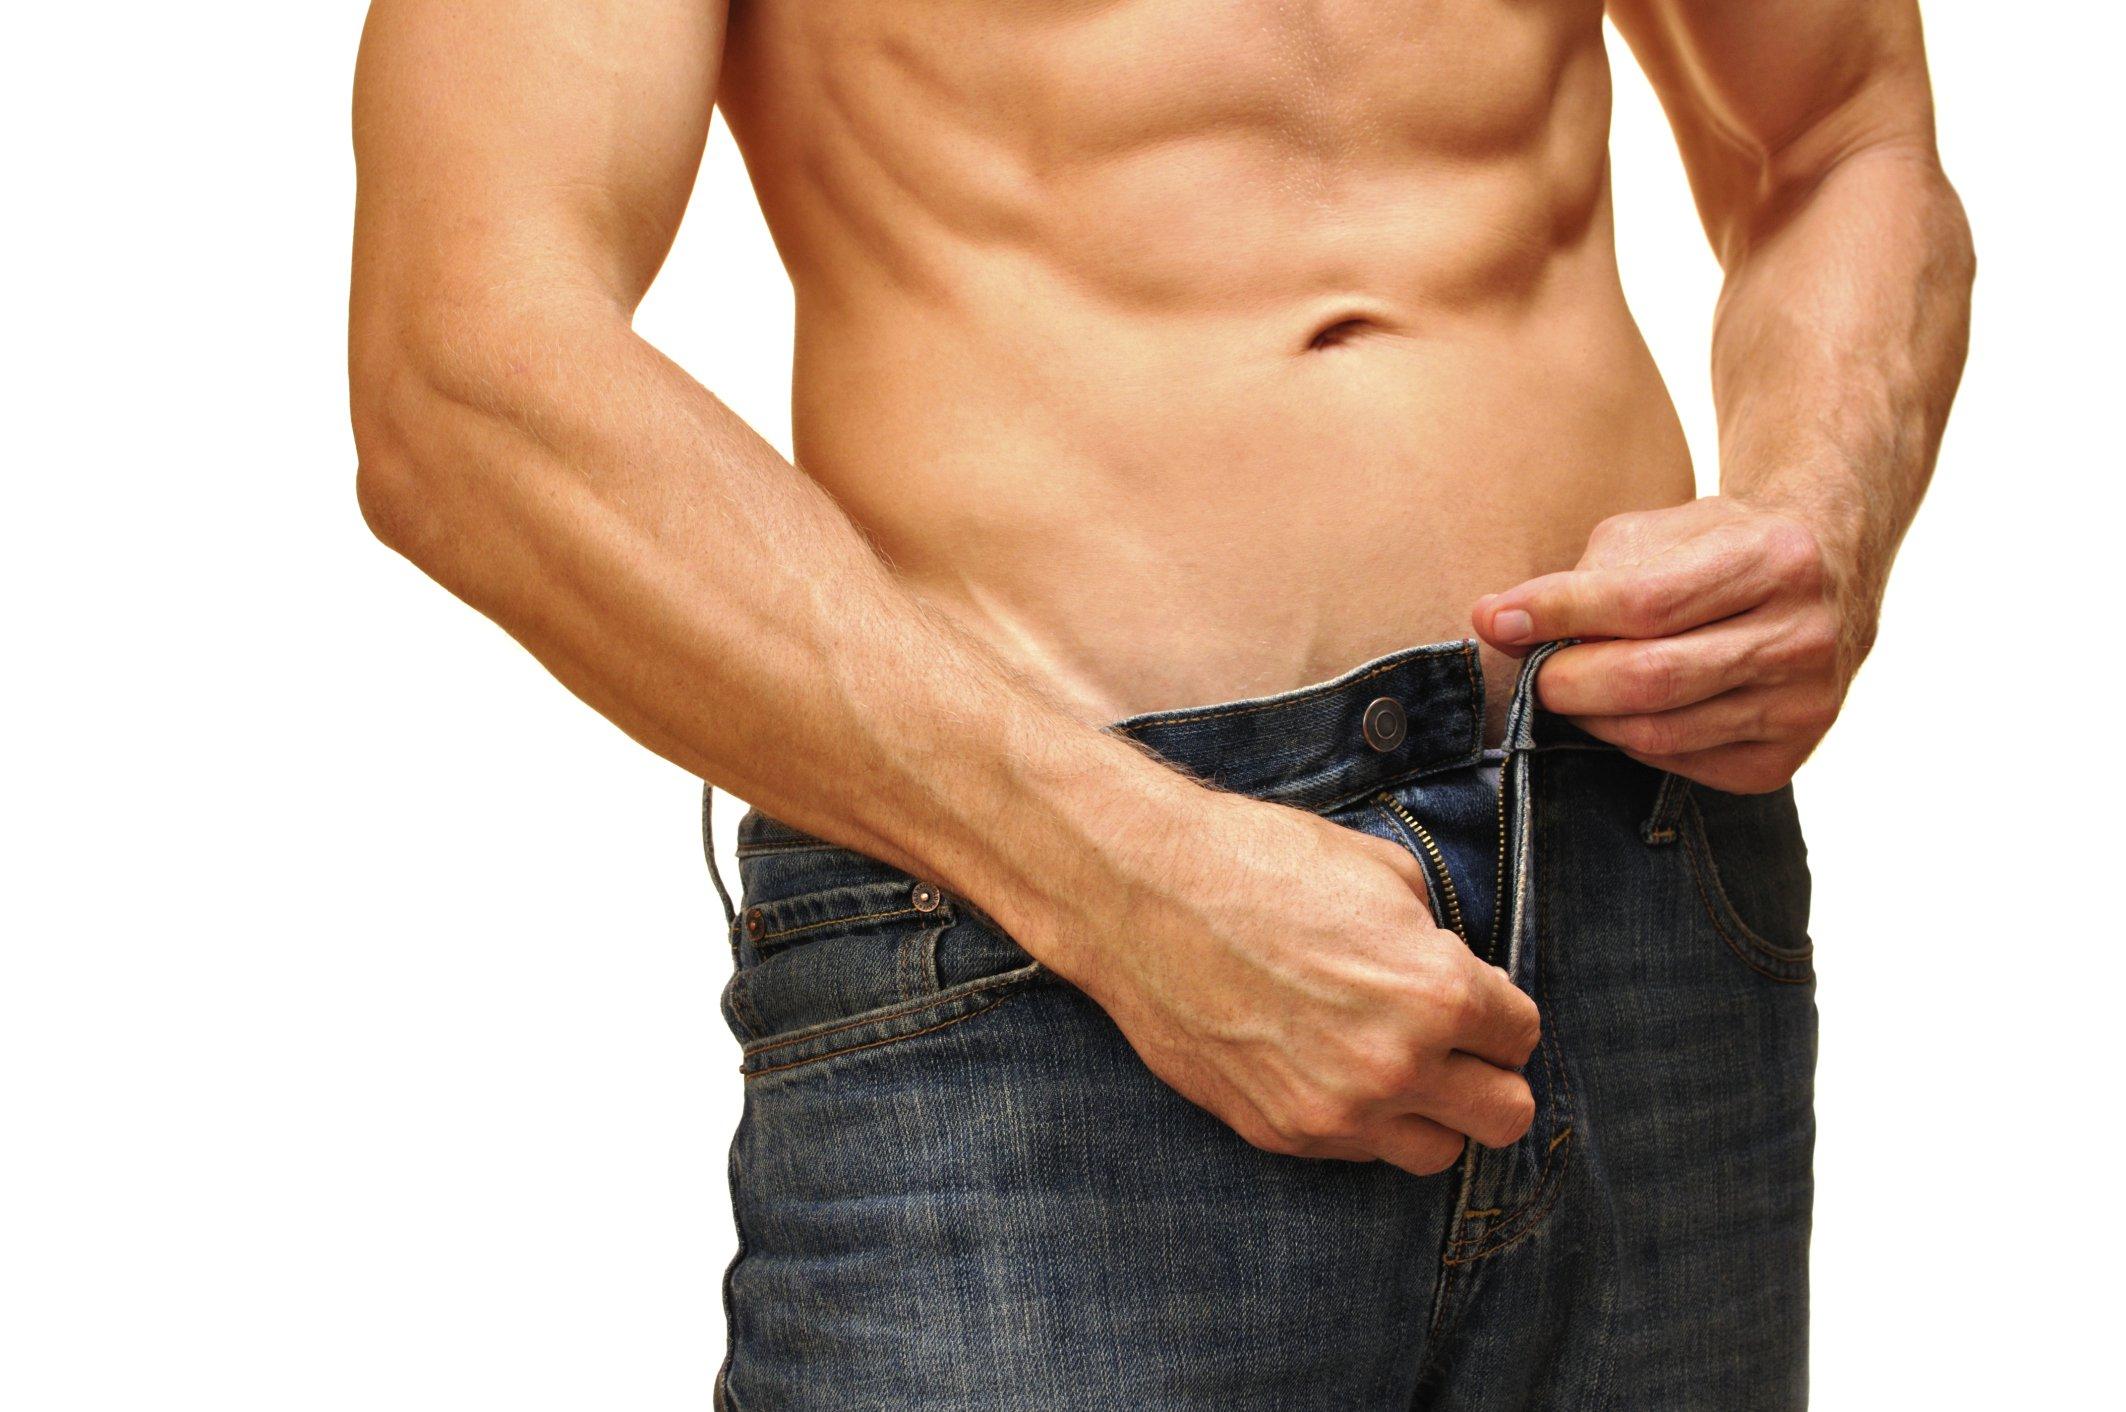 pénisz mérete és hogyan lehet növelni